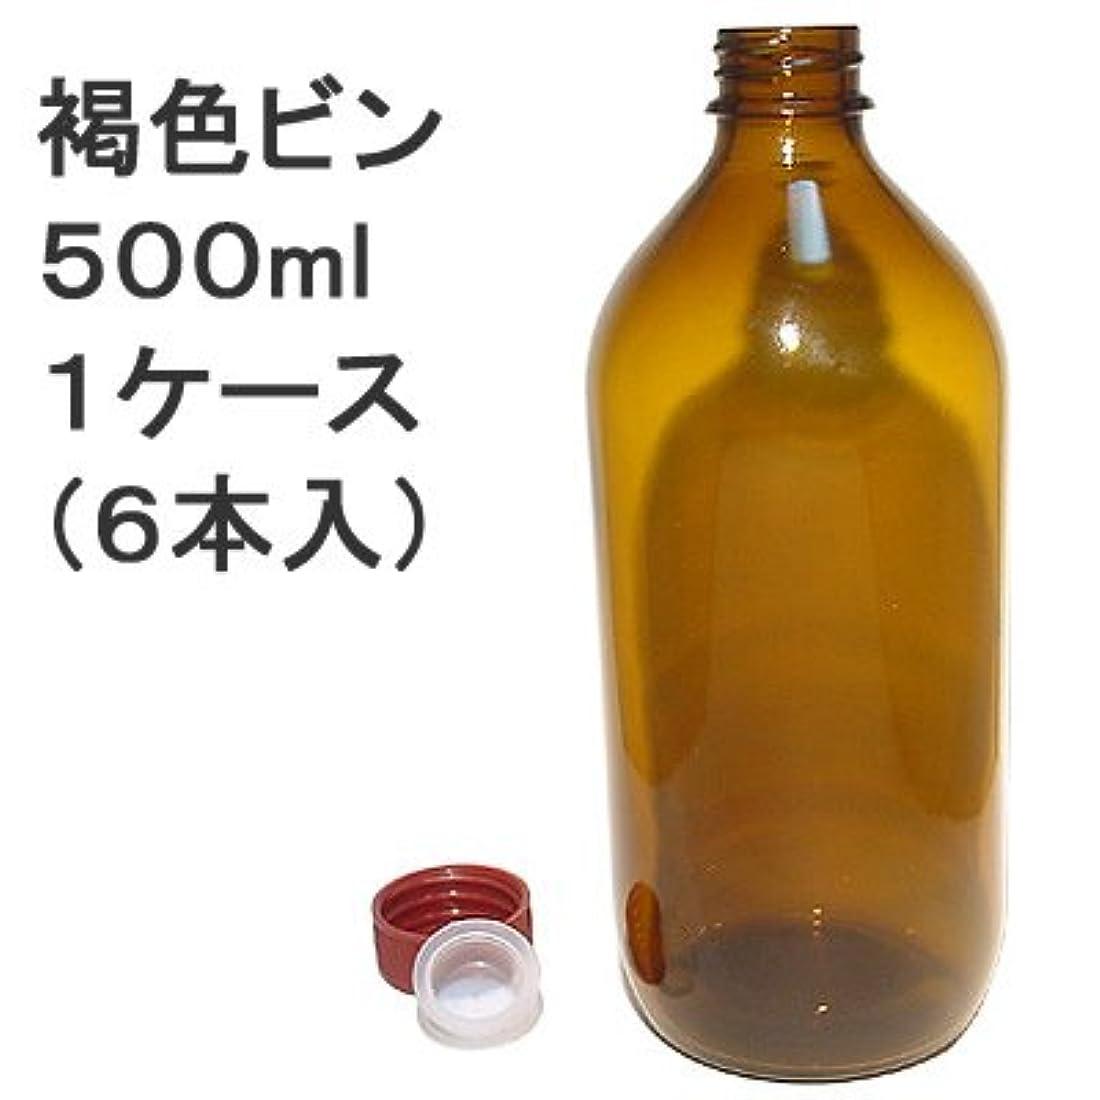 踏みつけ牛盆遮光瓶(中栓付) 褐色 500ml 1ケース(6本入)